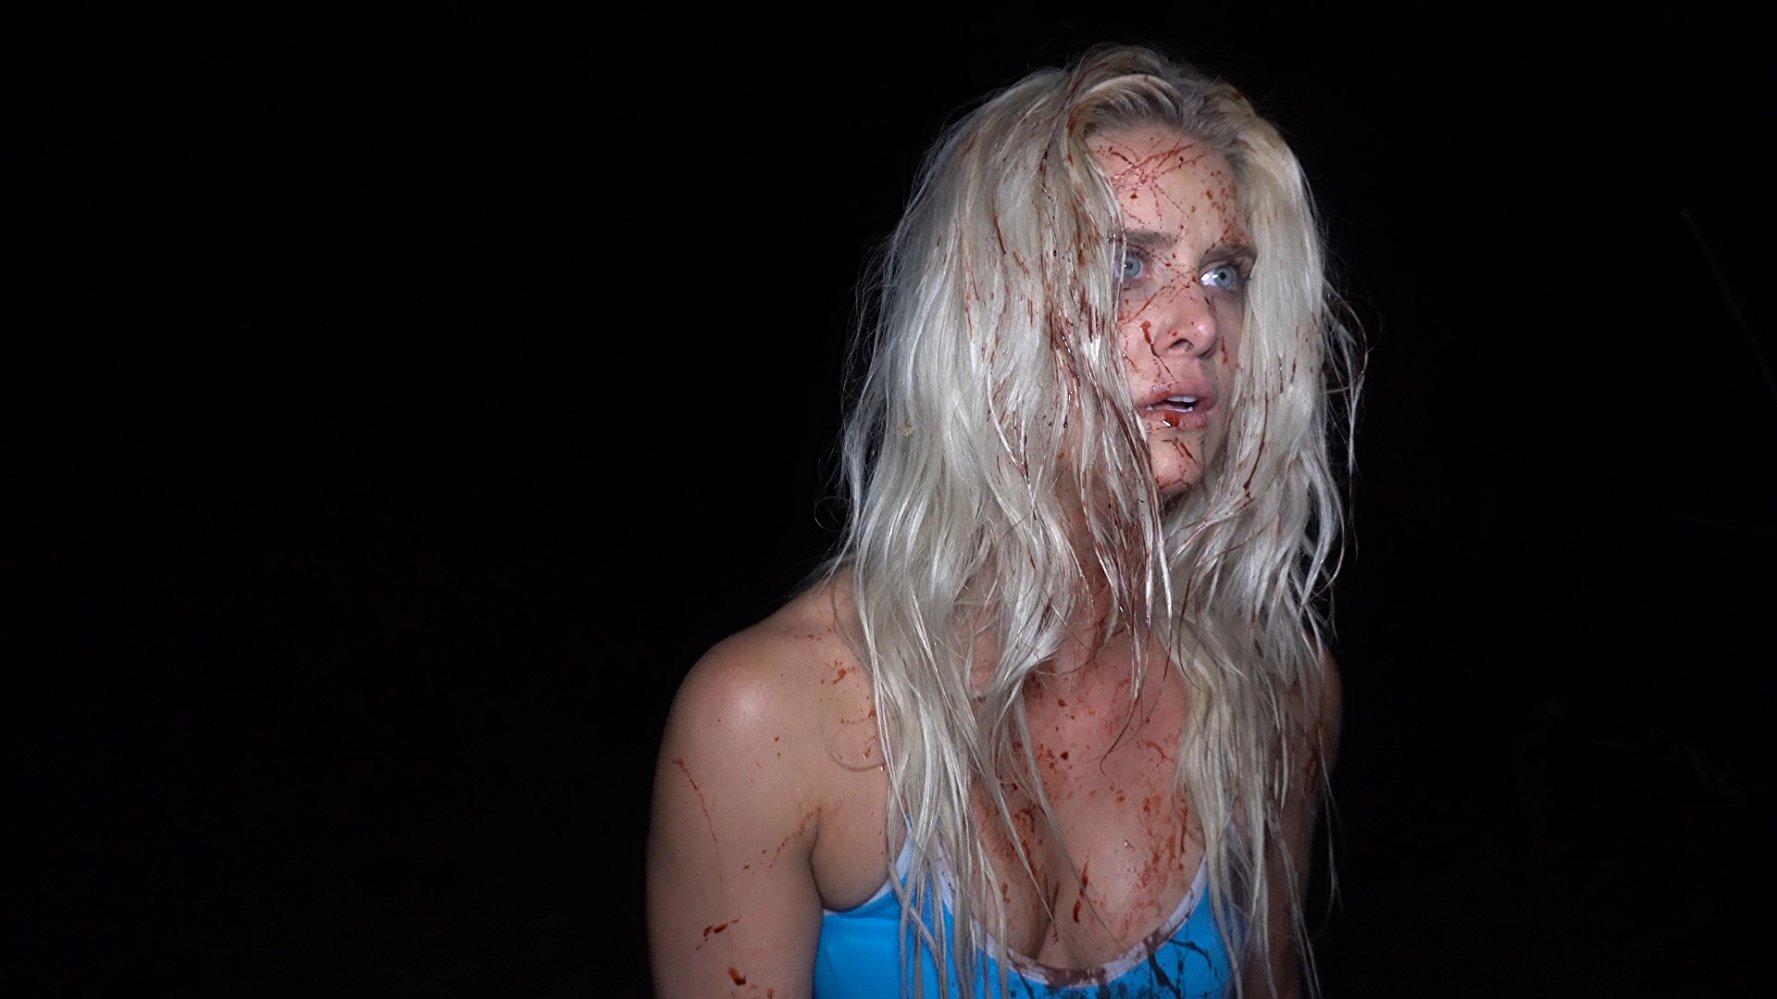 Followers-horror-thriller-movie-film-social-media-2017-Amanda-Delaneymrhorrorpedia